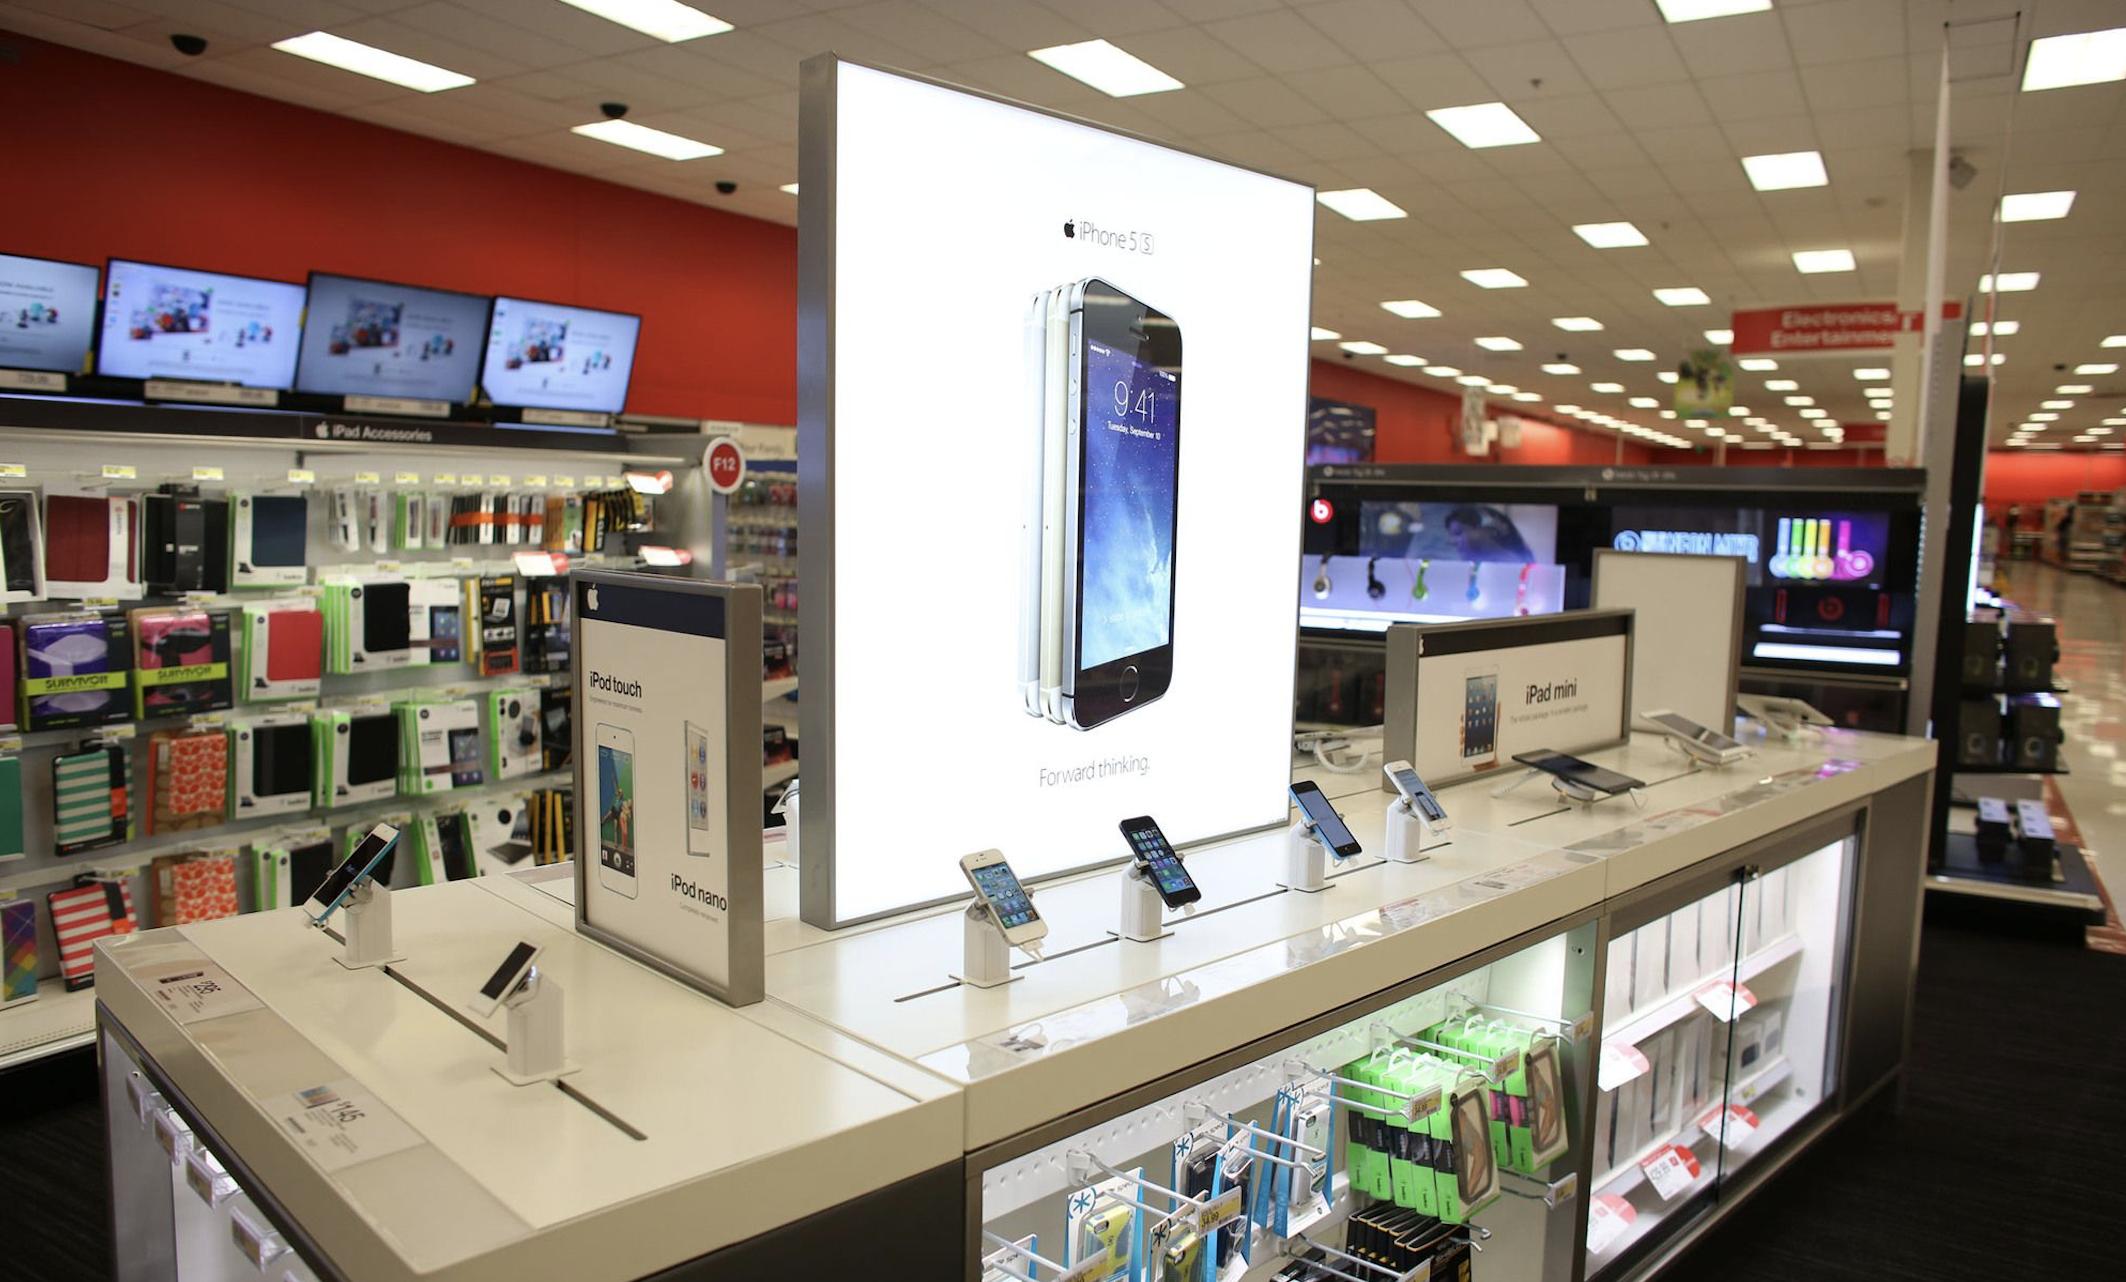 X Generációs Apple termékeke tűntek fel a Target áruház adatbázisában